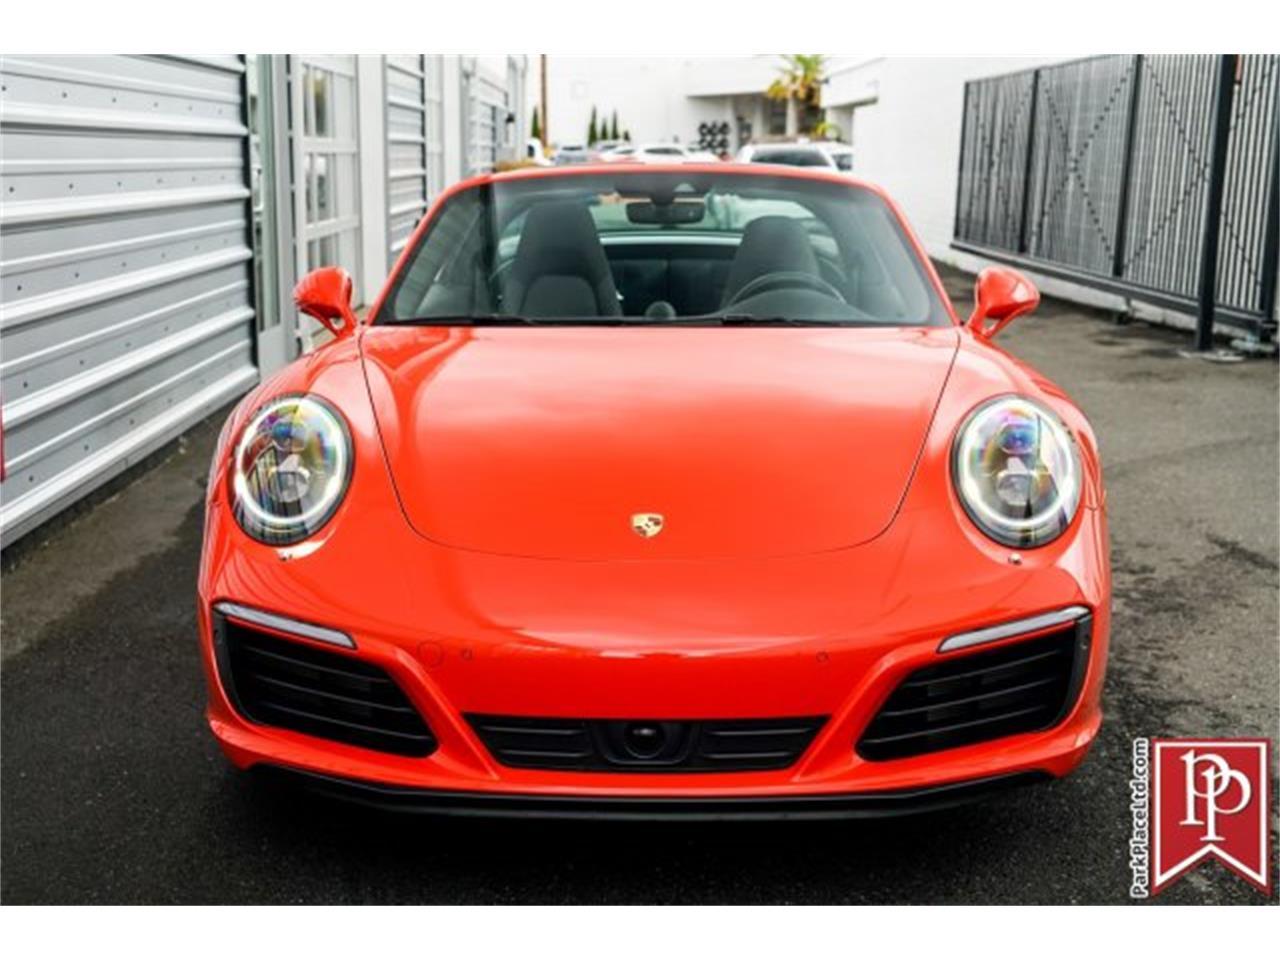 2017 Porsche 911 (CC-1221668) for sale in Bellevue, Washington